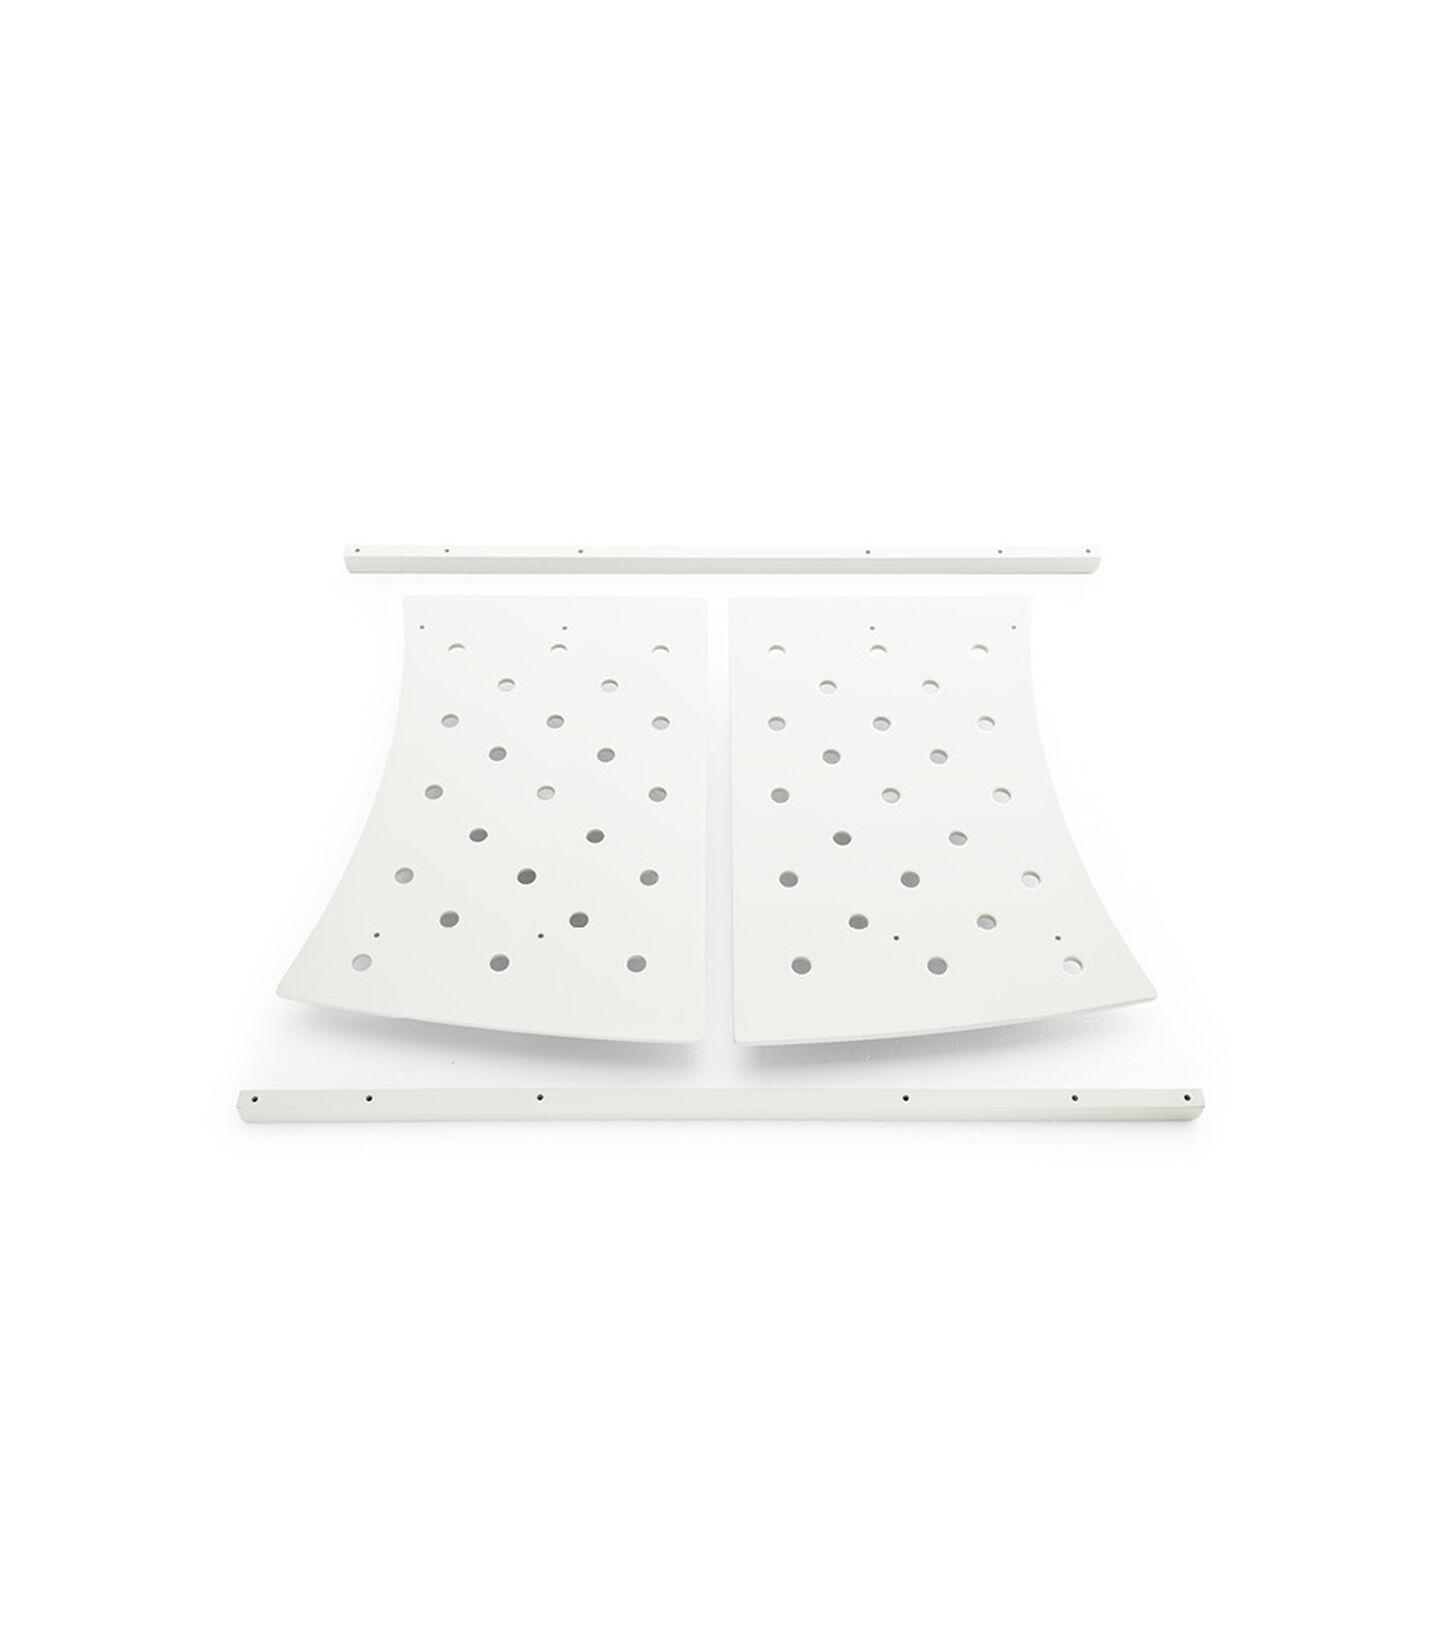 Stokke® Sleepi™ Junior Extension White, White, mainview view 2